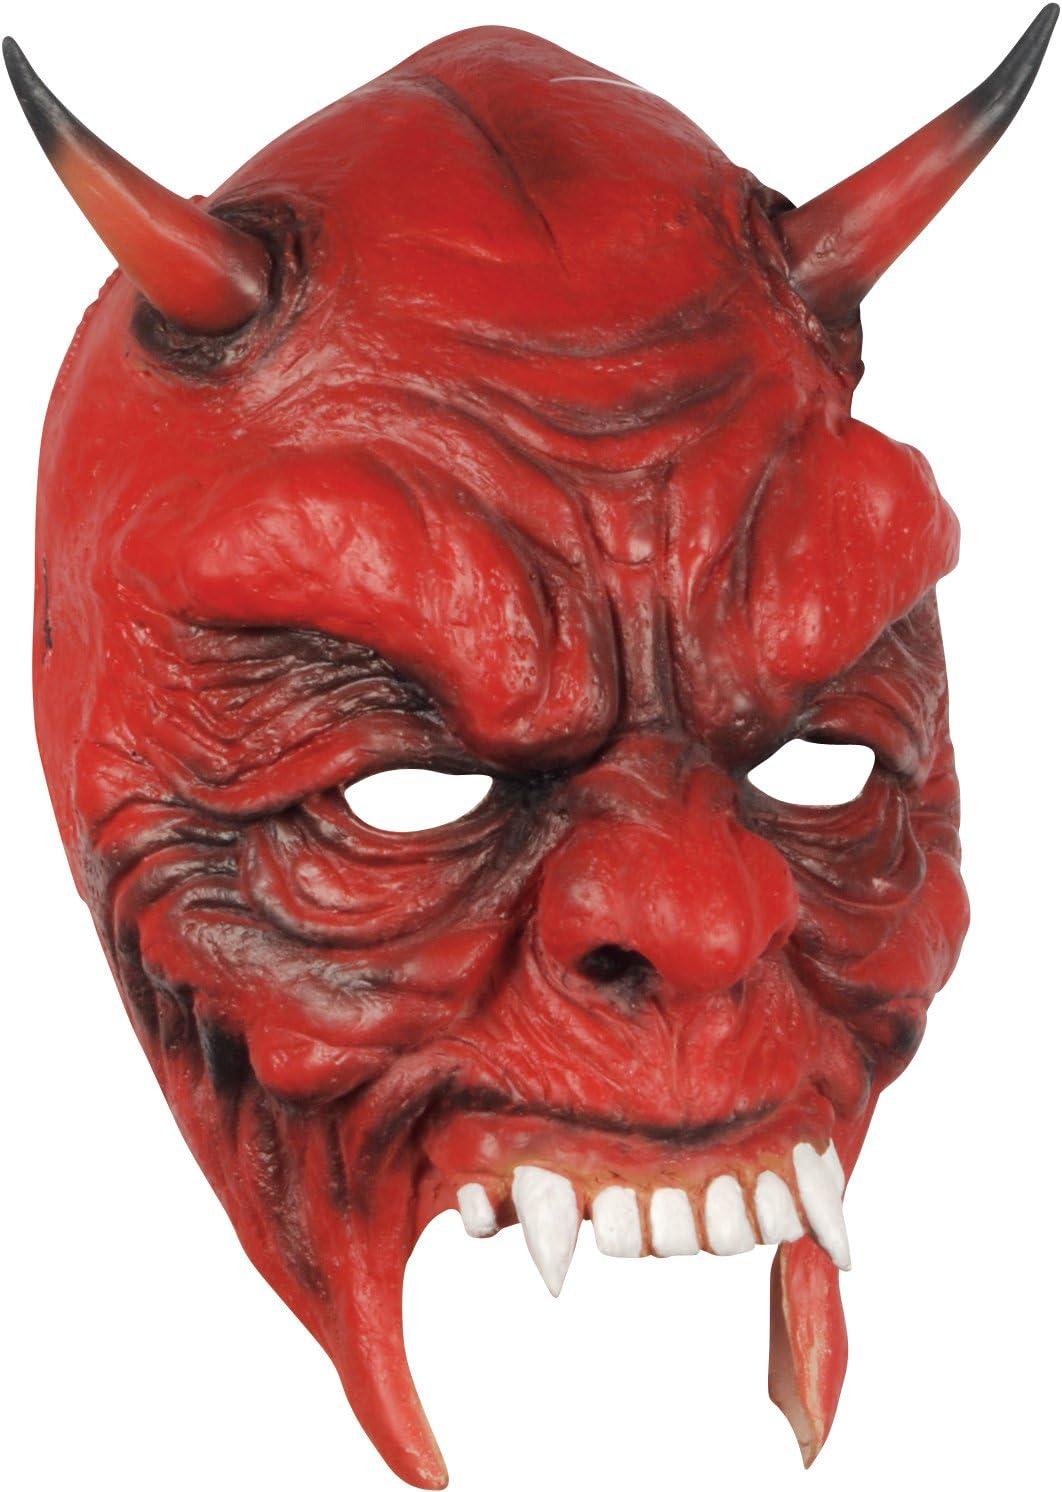 Devils Skull Mask Red Latex Horned Satan Halloween Horror Mask